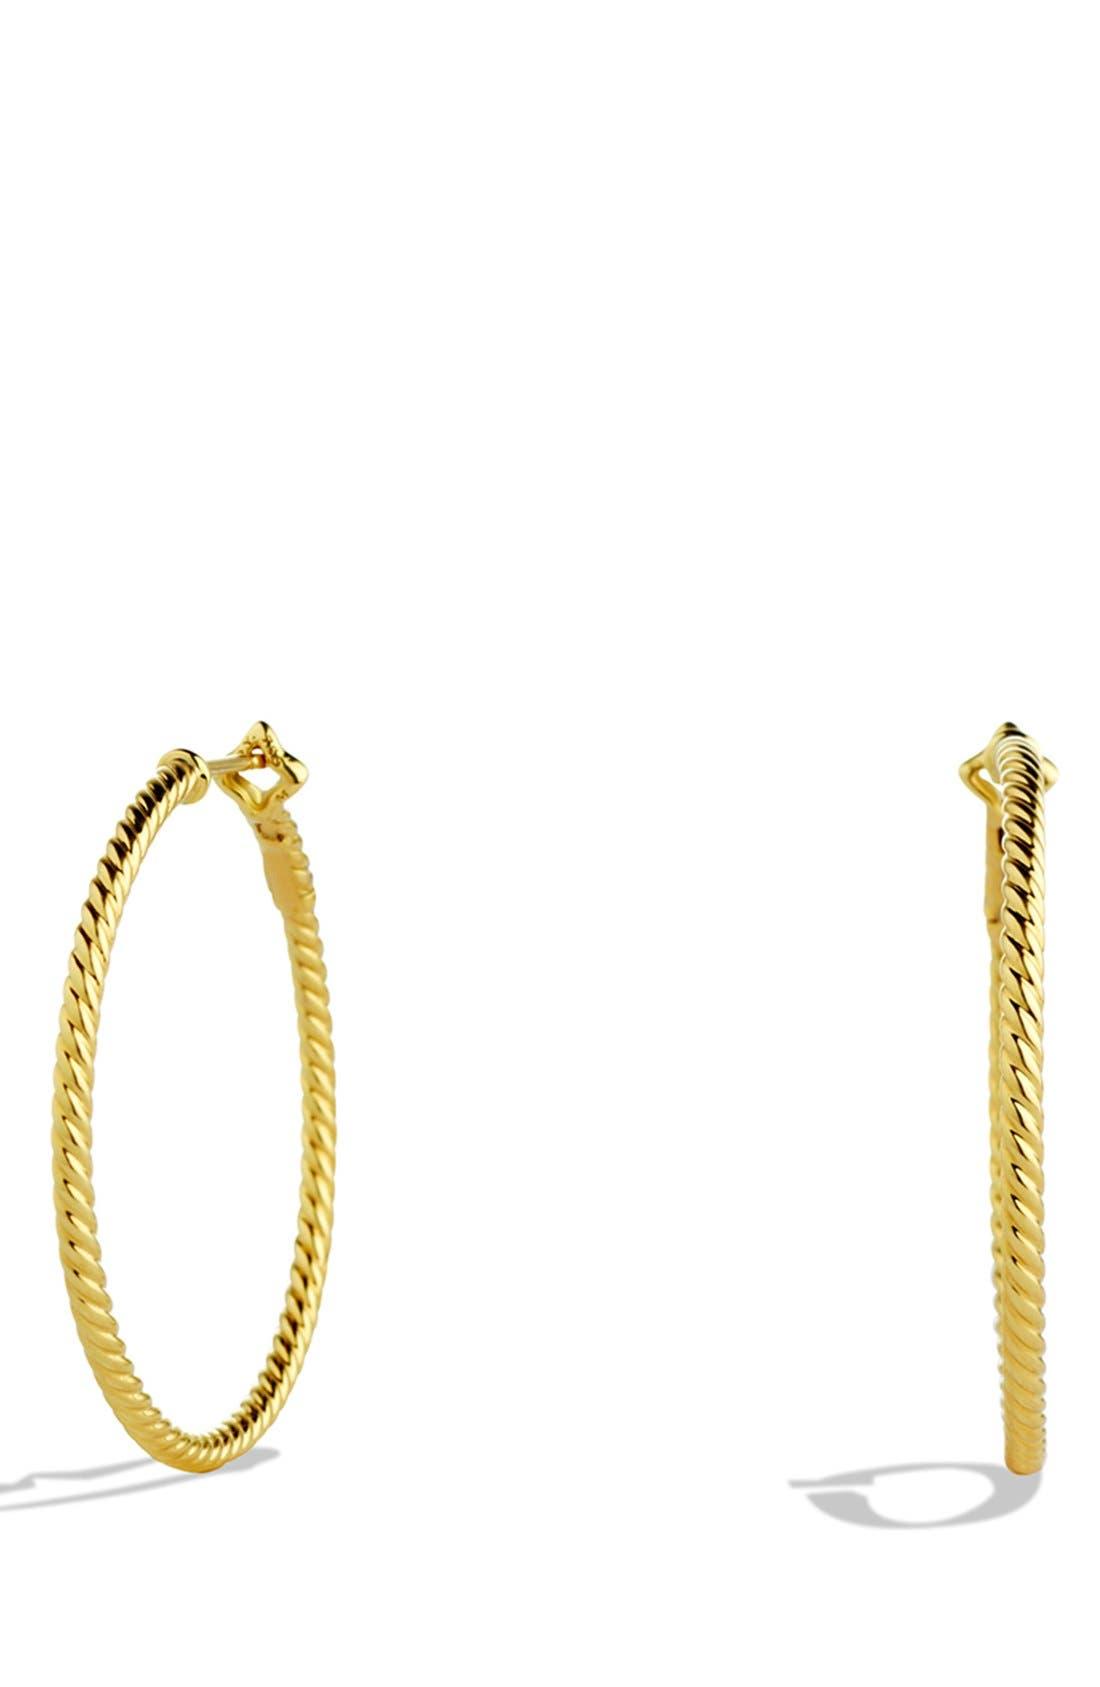 DAVID YURMAN Cable Classics Hoop Earrings, Main, color, GOLD